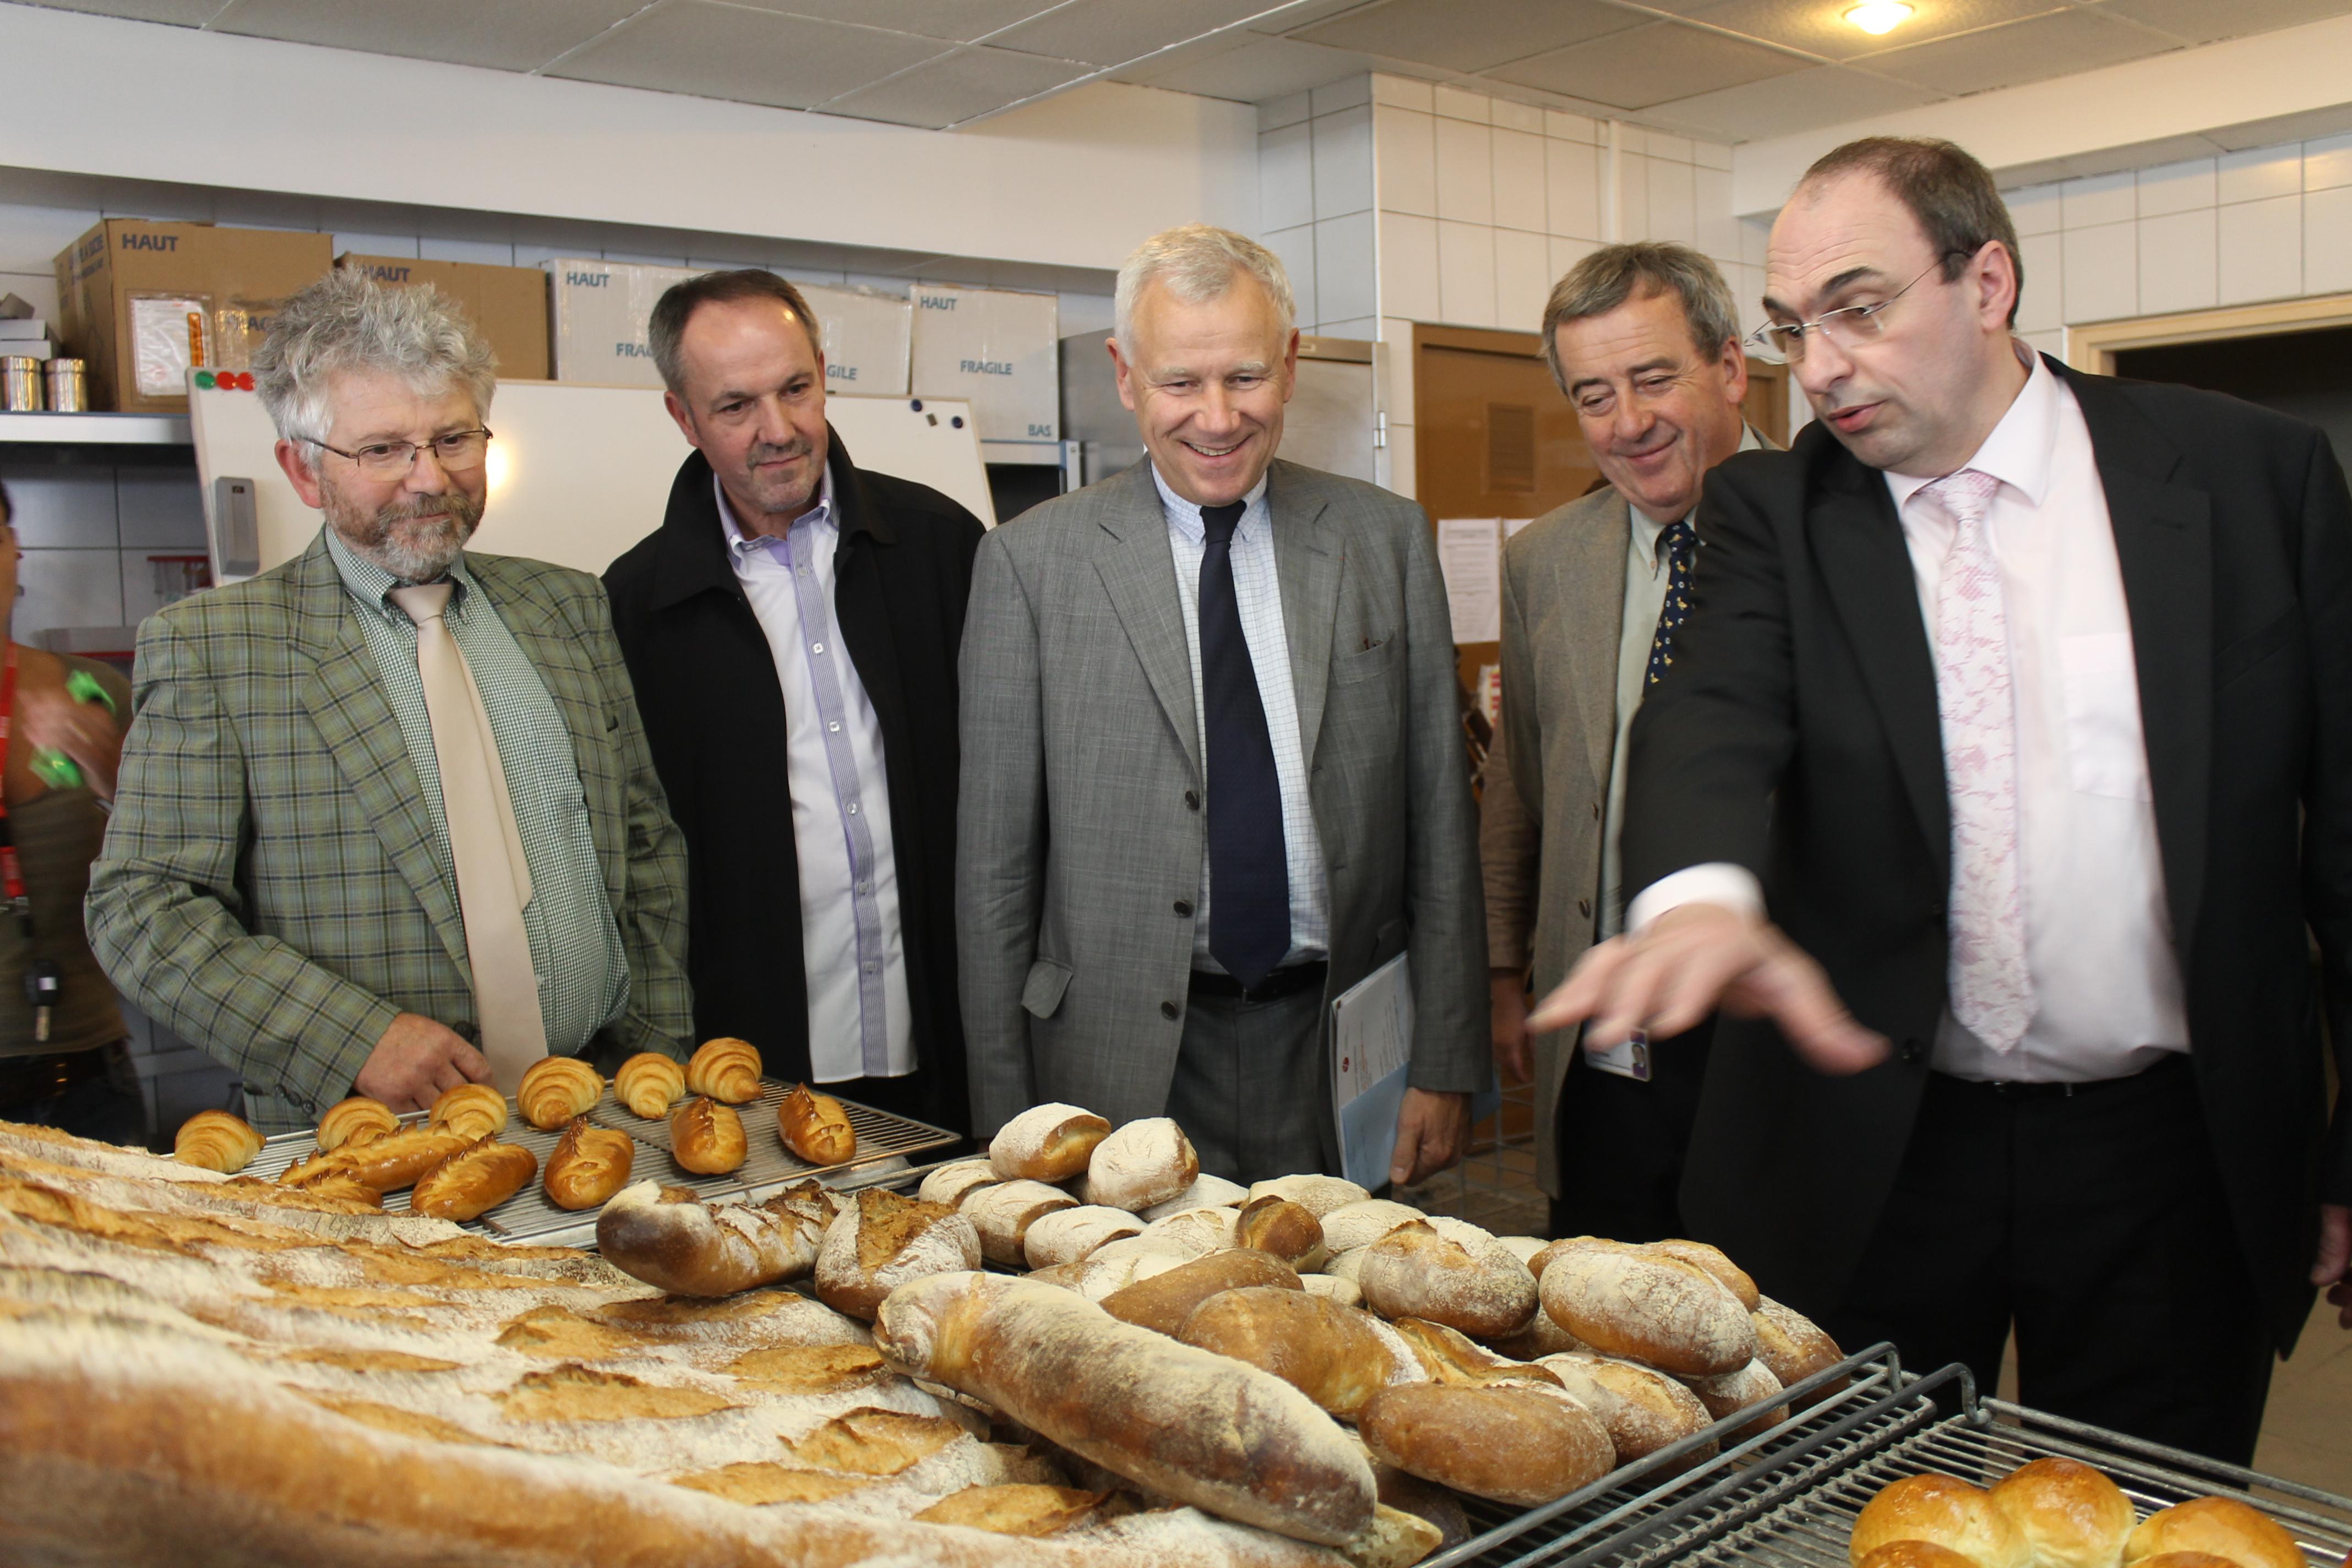 Le conseil g n ral soutient les apprentis yvelines infos for Yvelines visite